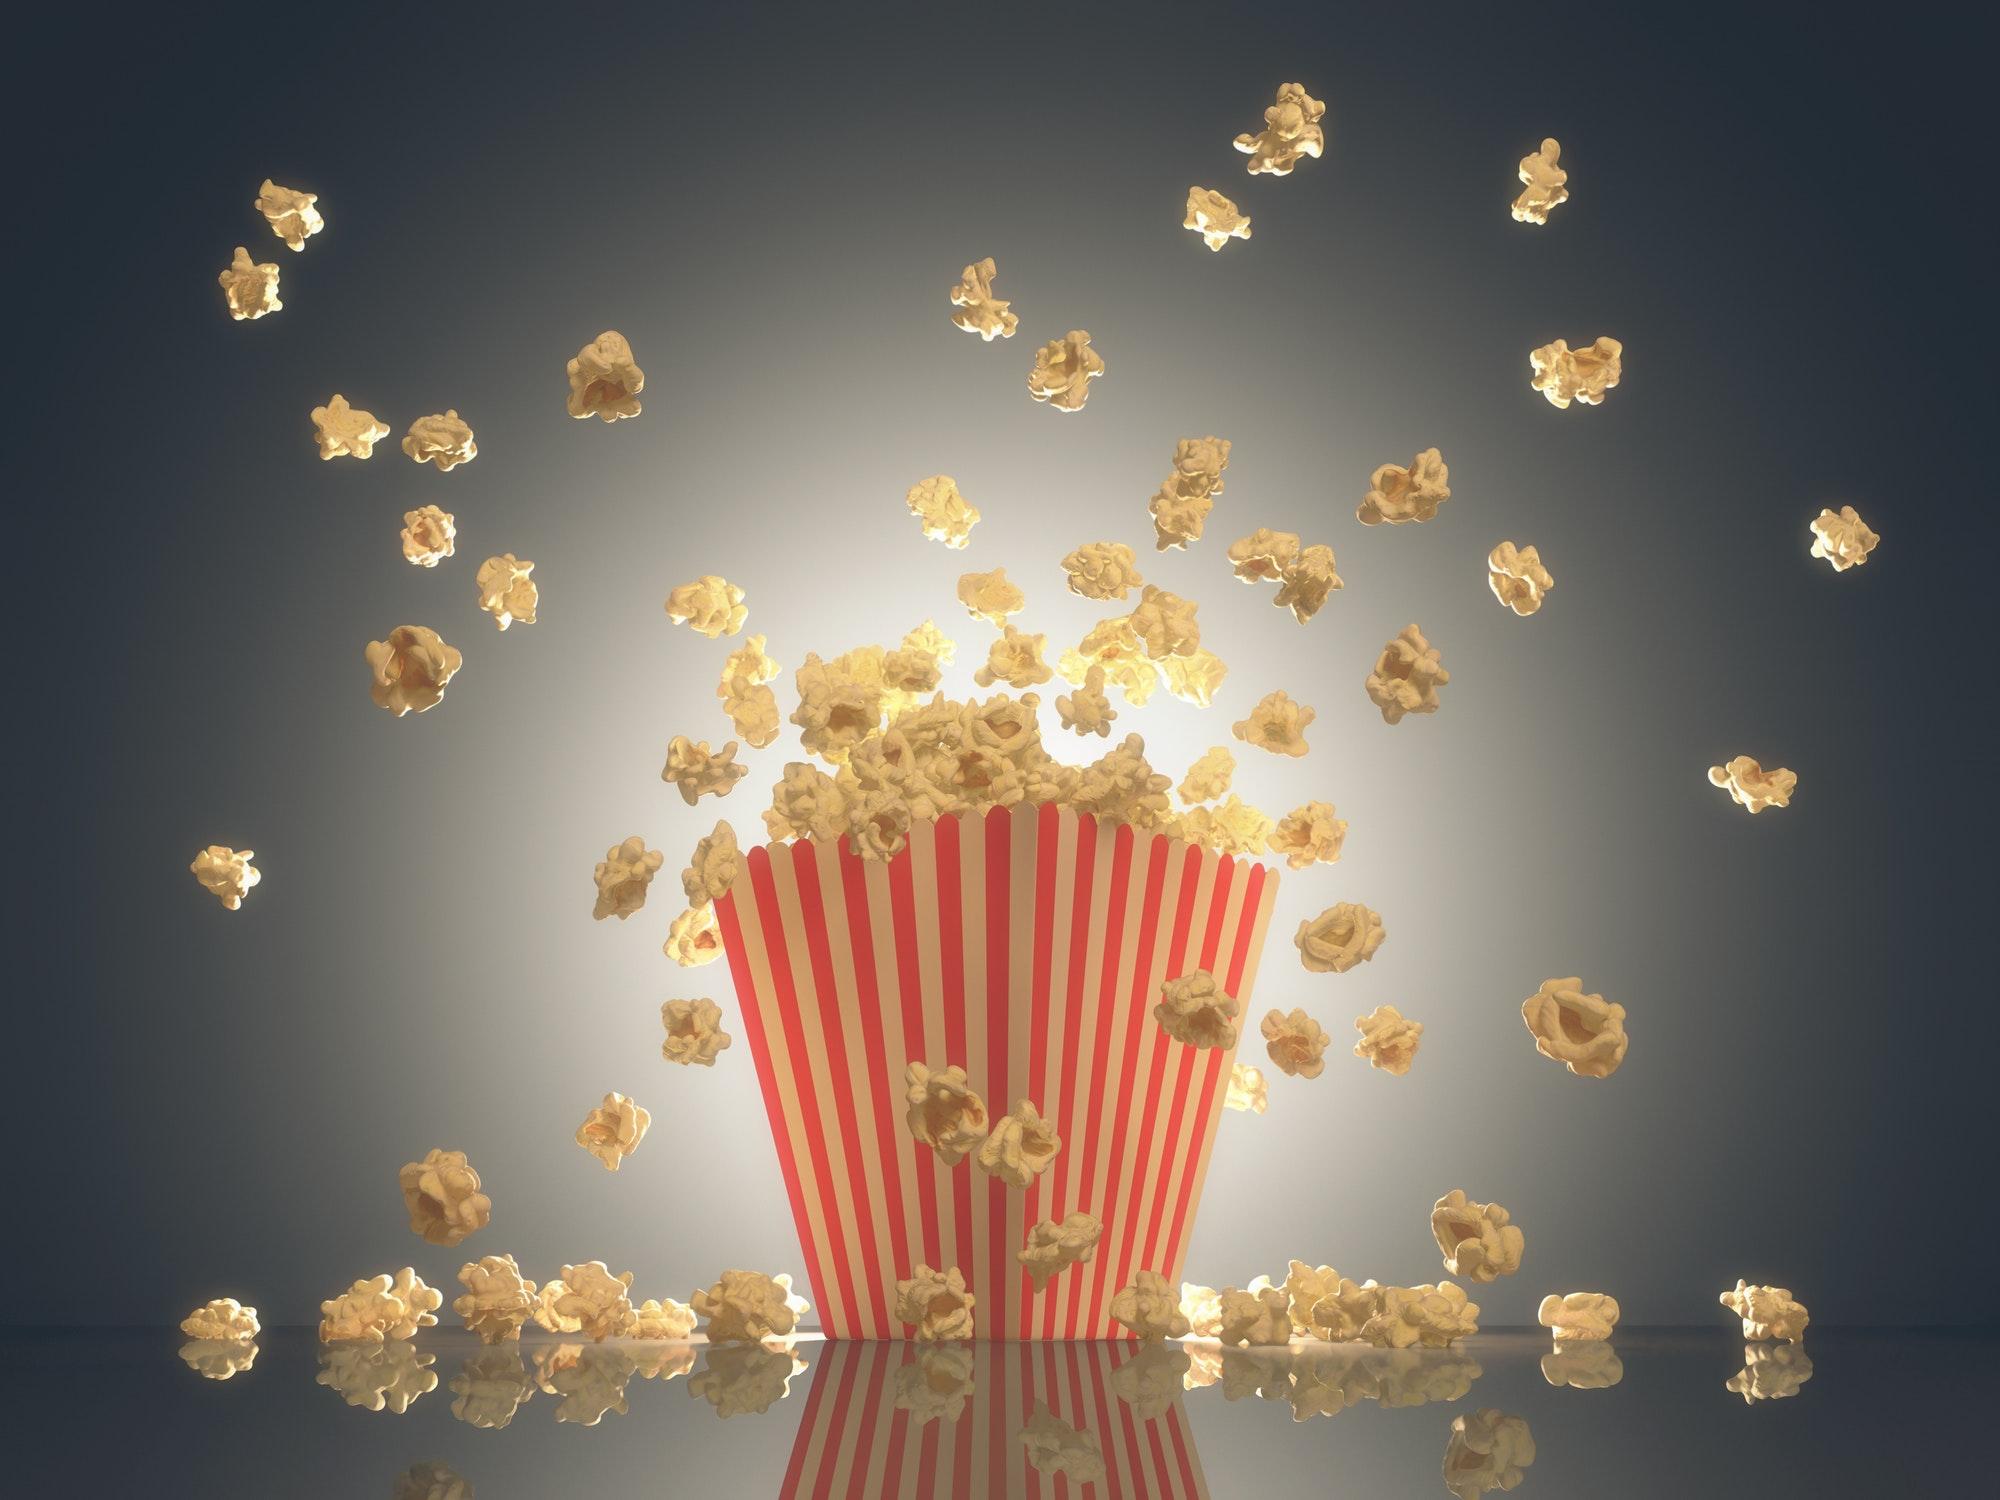 Popcorn gift ideas